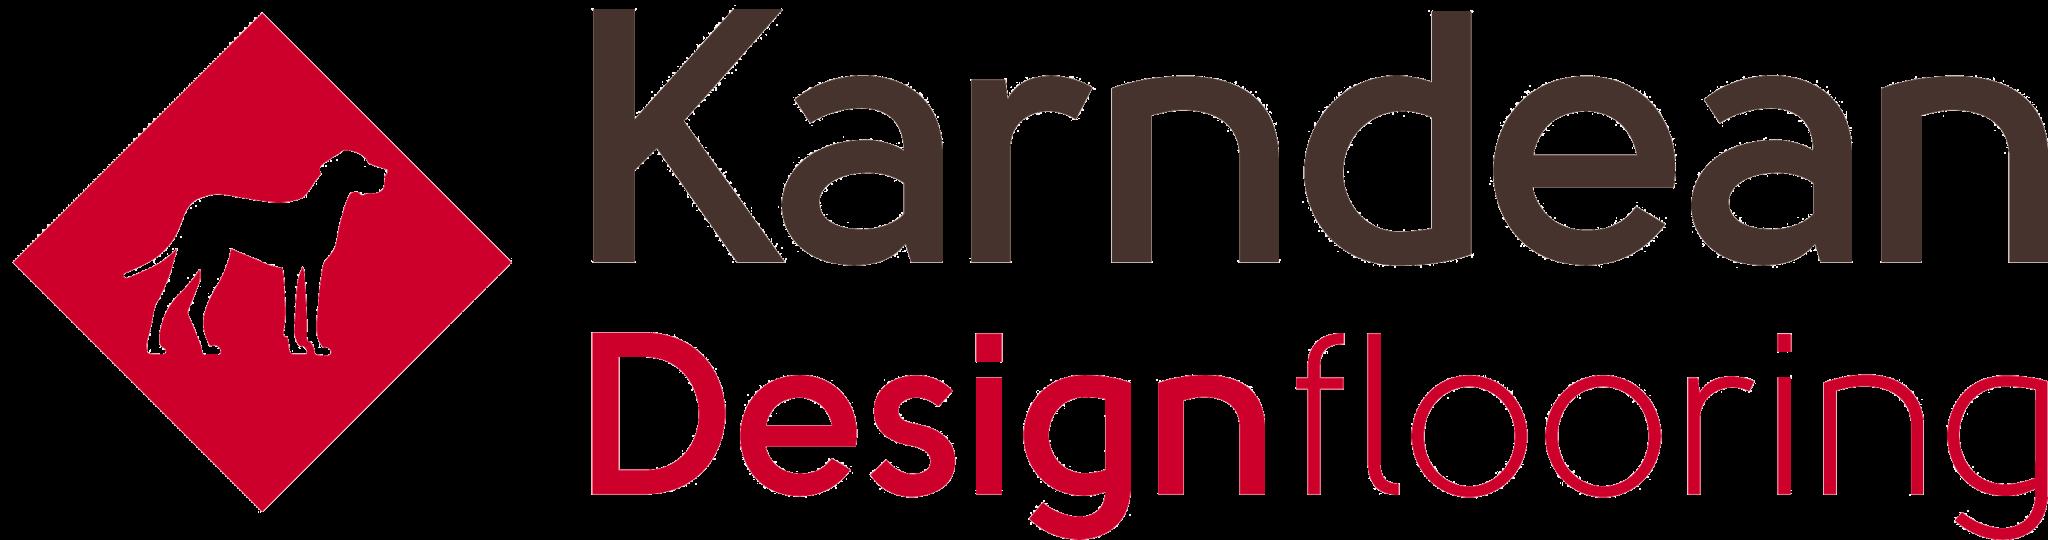 https://fairbairnsofberwick.com/wp-content/uploads/2021/10/karndean-logo.png